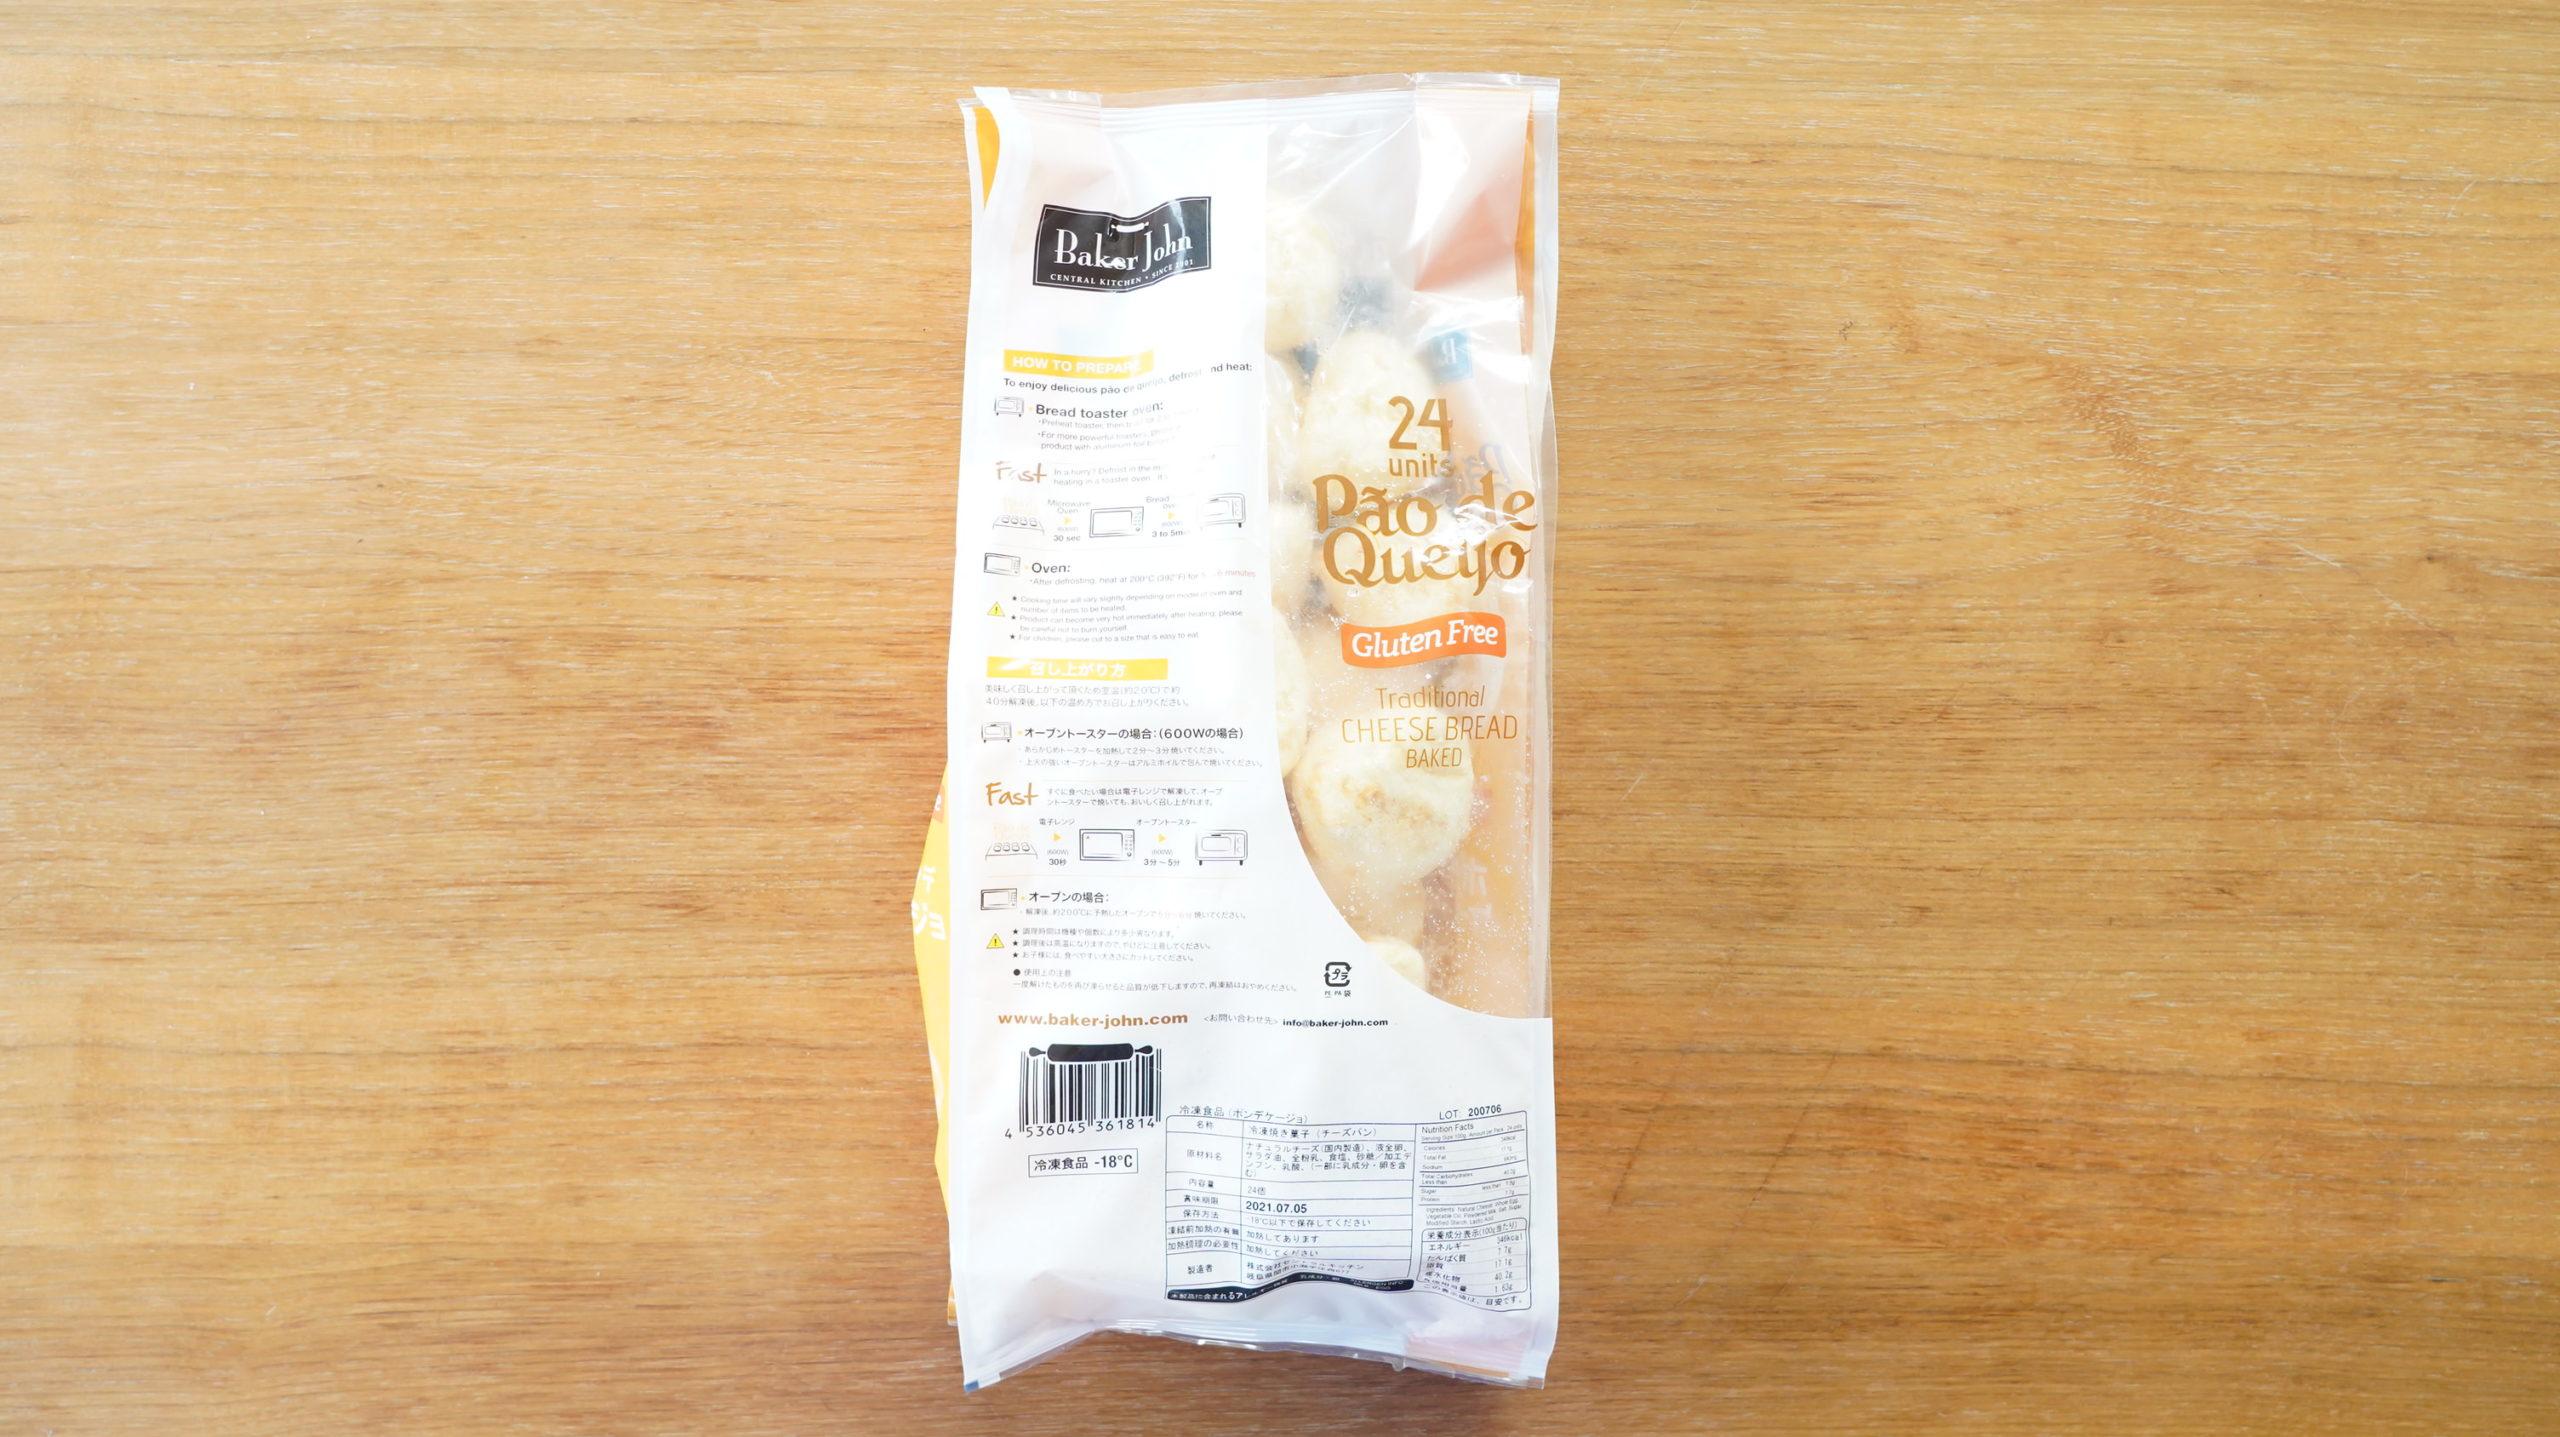 コストコの冷凍食品「ポン・デ・ケージョ」のパッケージ裏面の写真